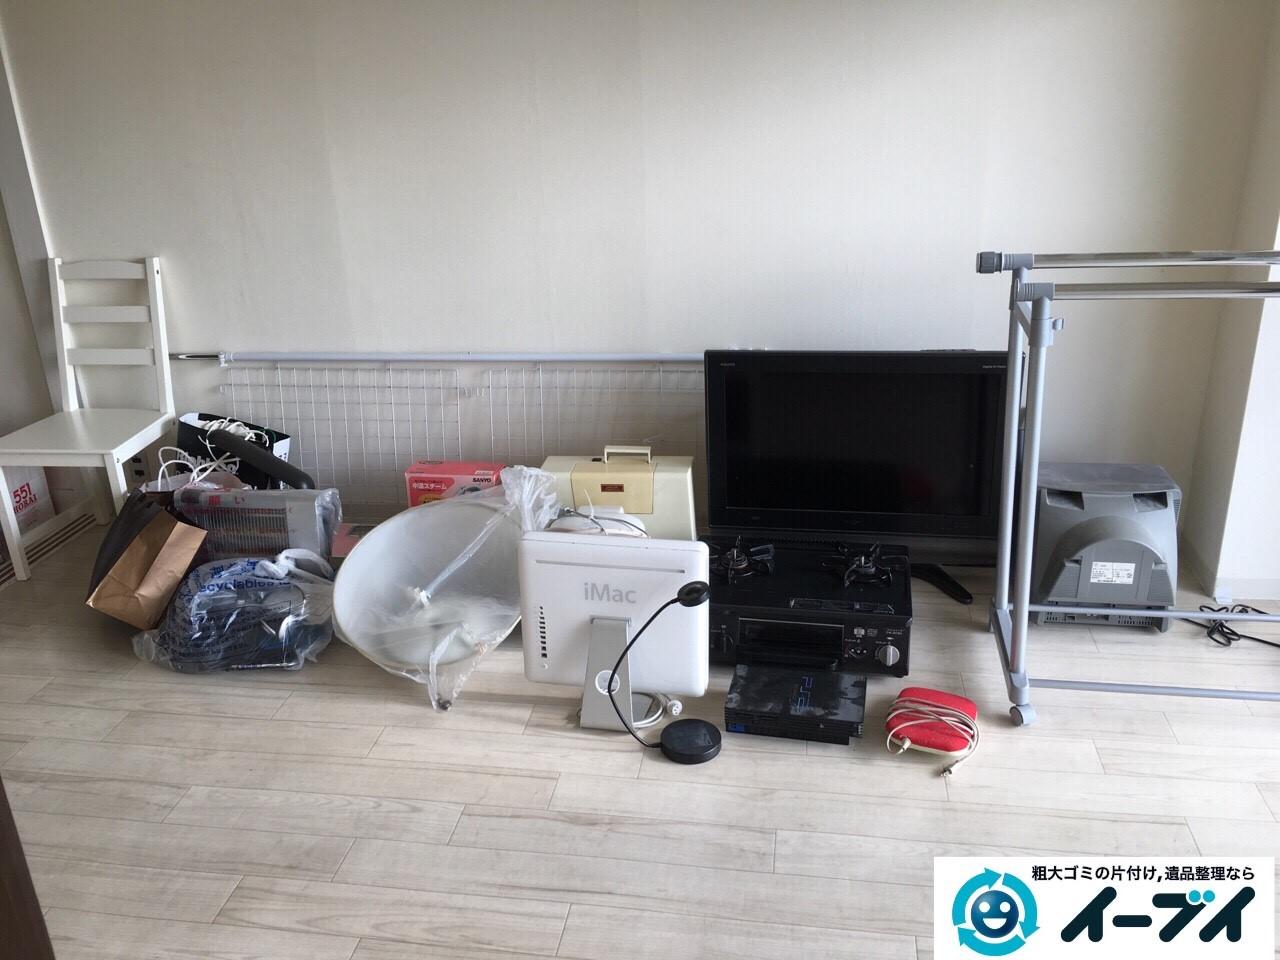 12月2日 大阪府堺市堺区でテレビやパソコンなど細々した廃品や粗大ゴミの処分をしました。写真1